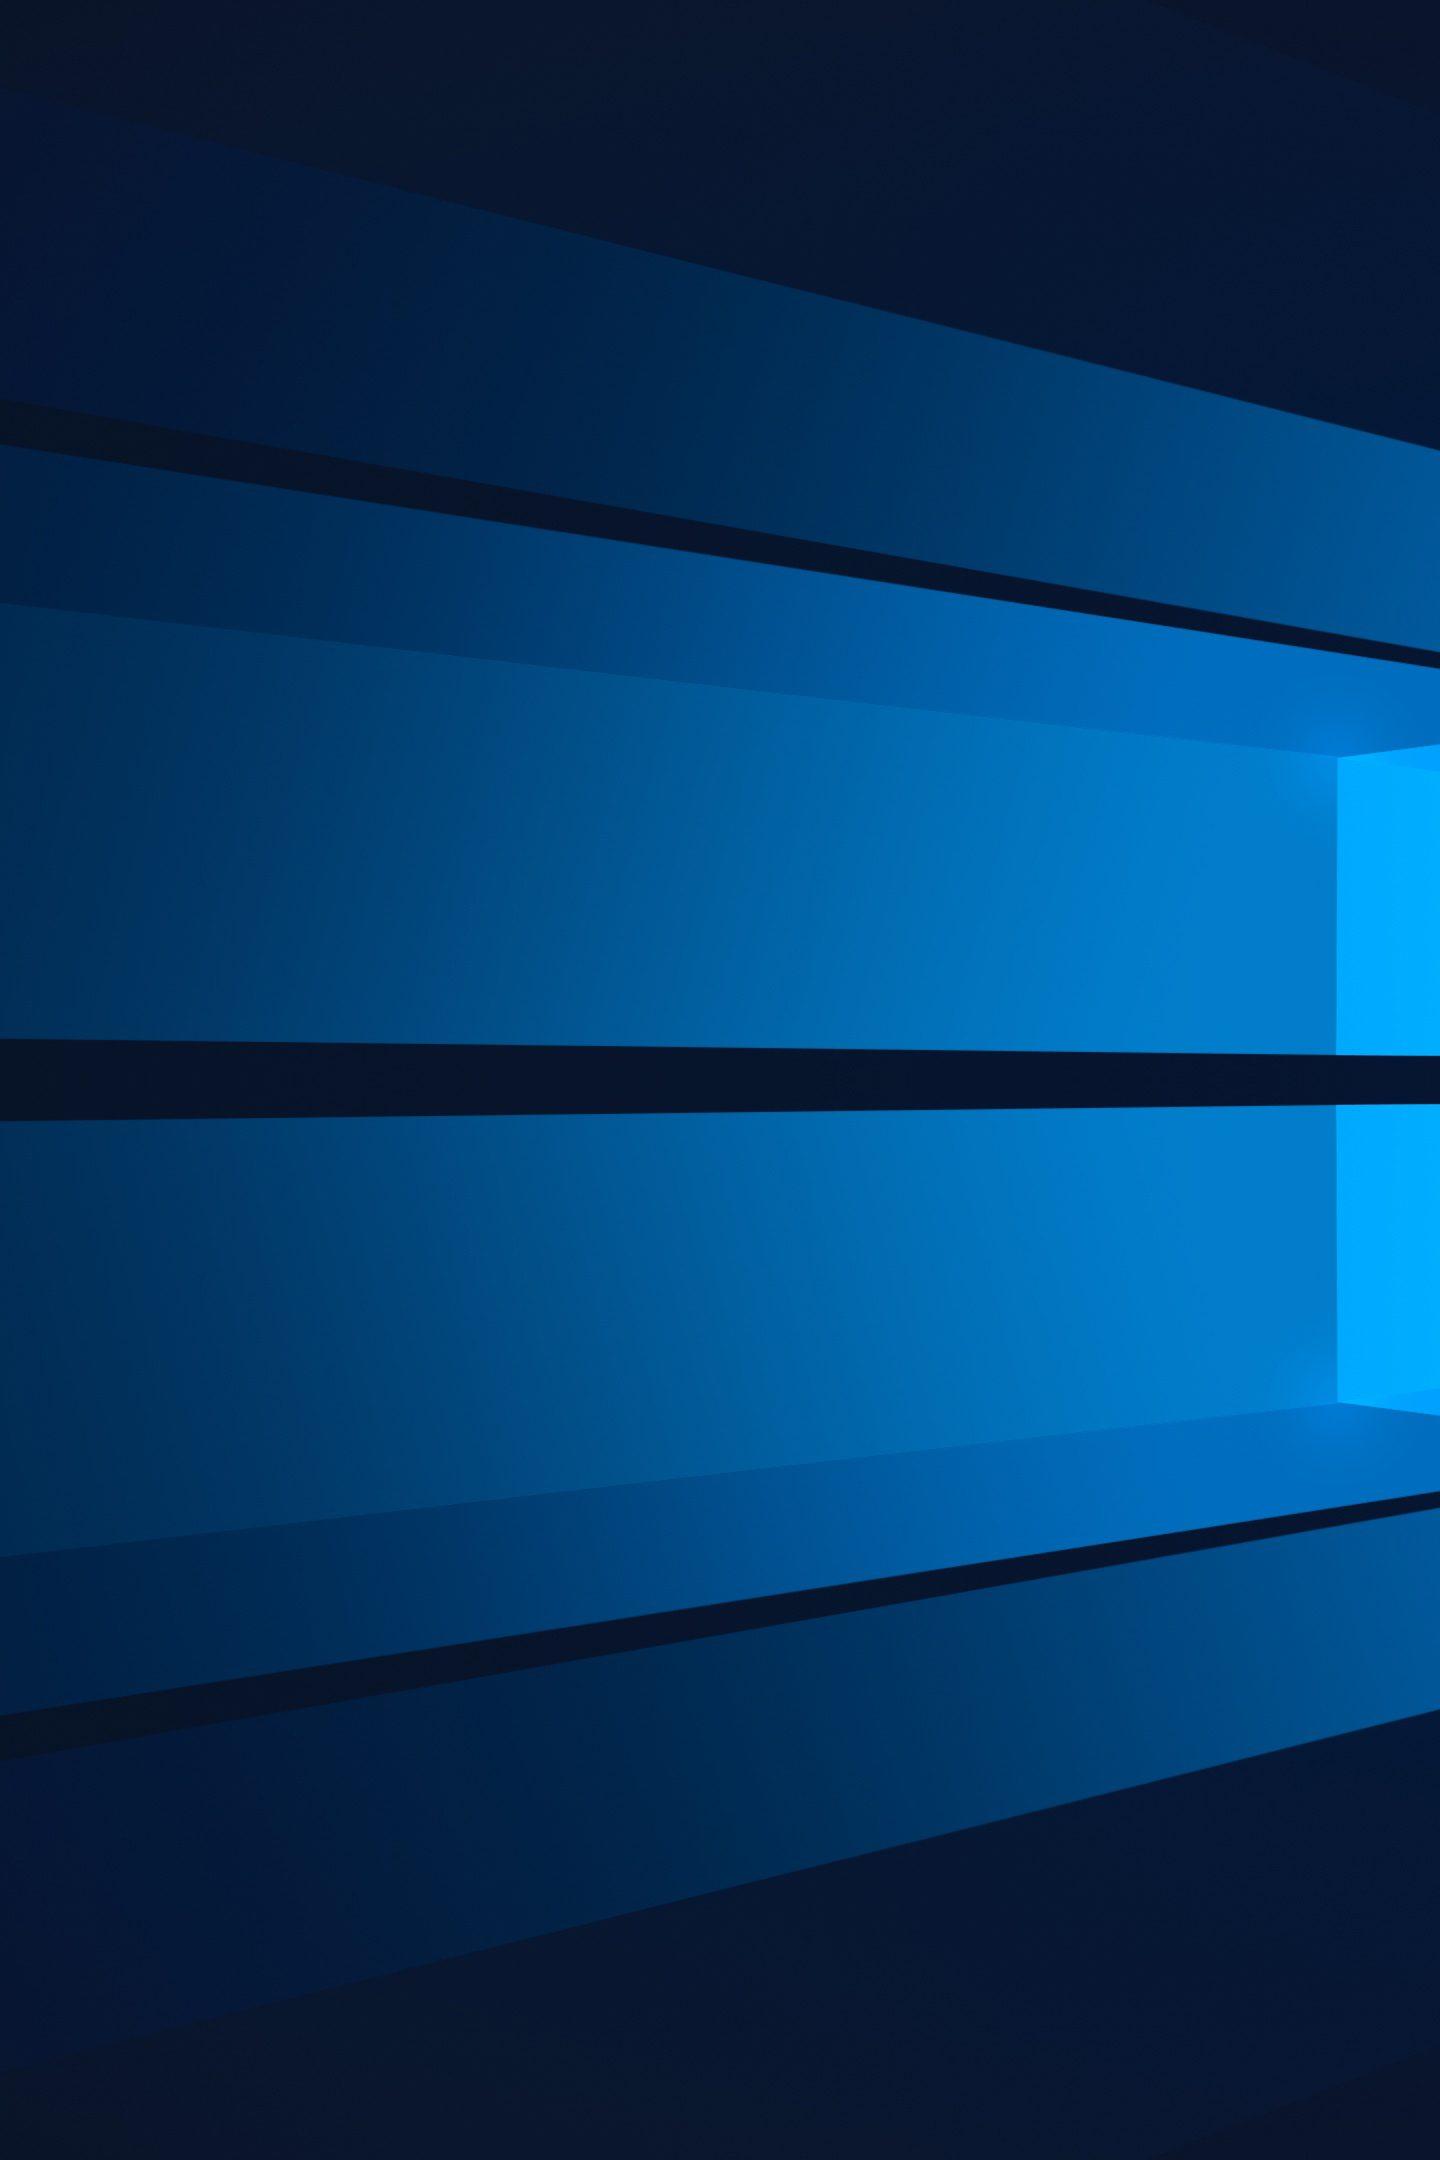 Windows 10 Wallpaper 4k For Mobile 4k Windows 10 Wallpaper 61